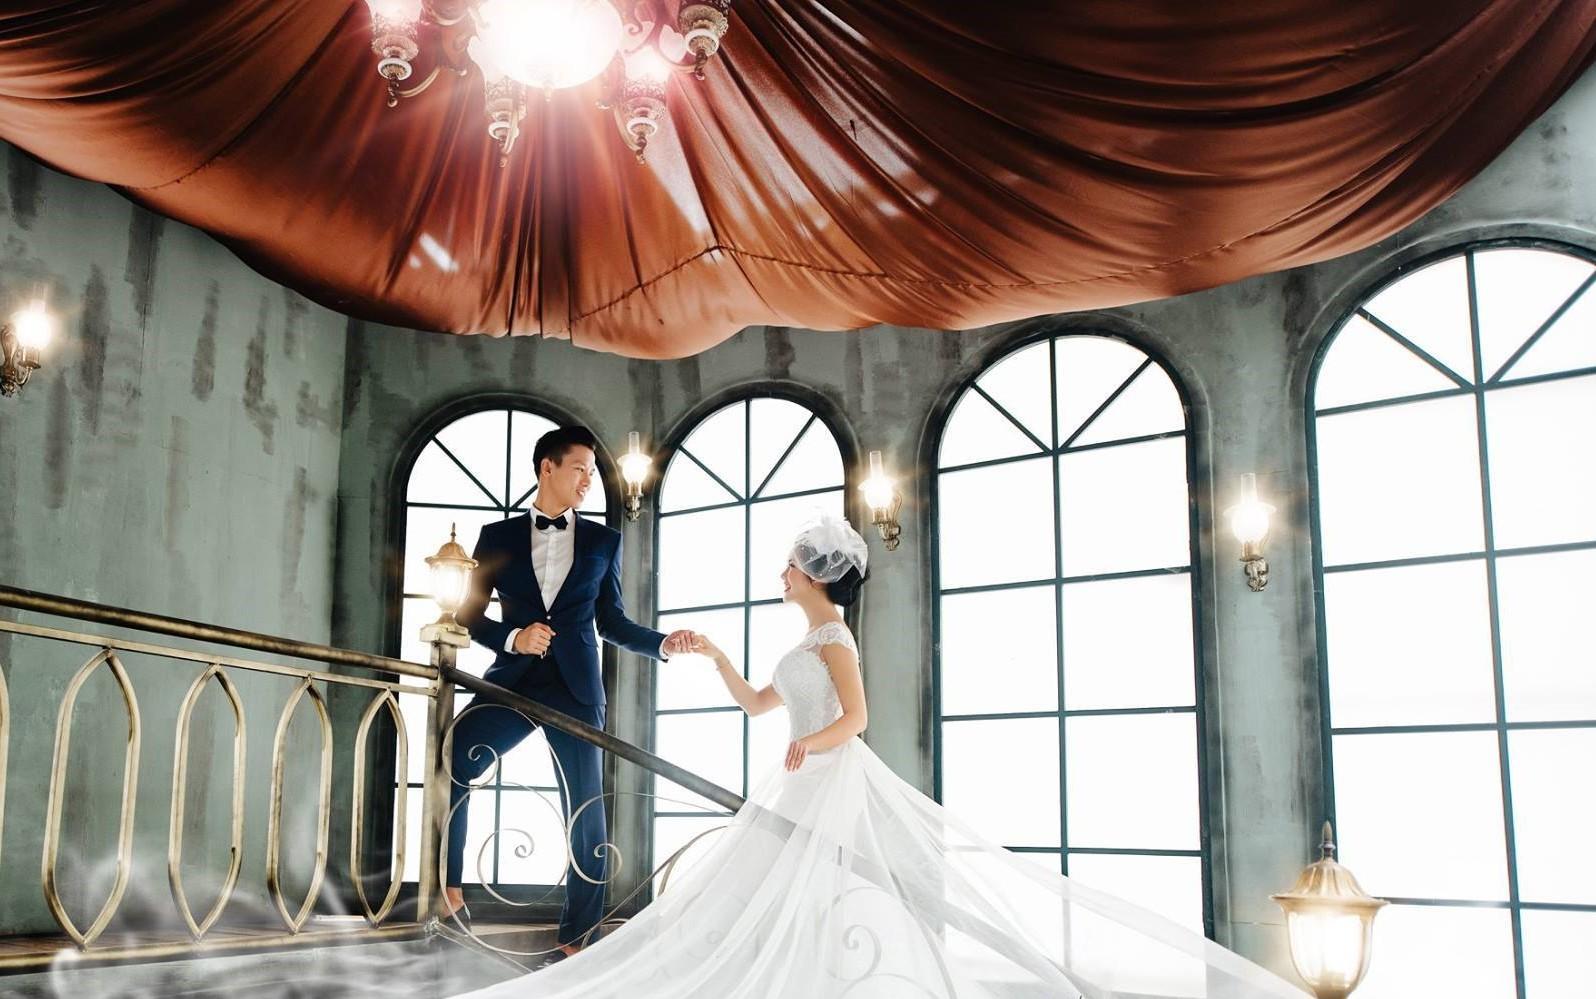 Hé lộ ảnh cưới đẹp lung linh của trung vệ Quế Ngọc Hải và bạn gái hoa khôi-5